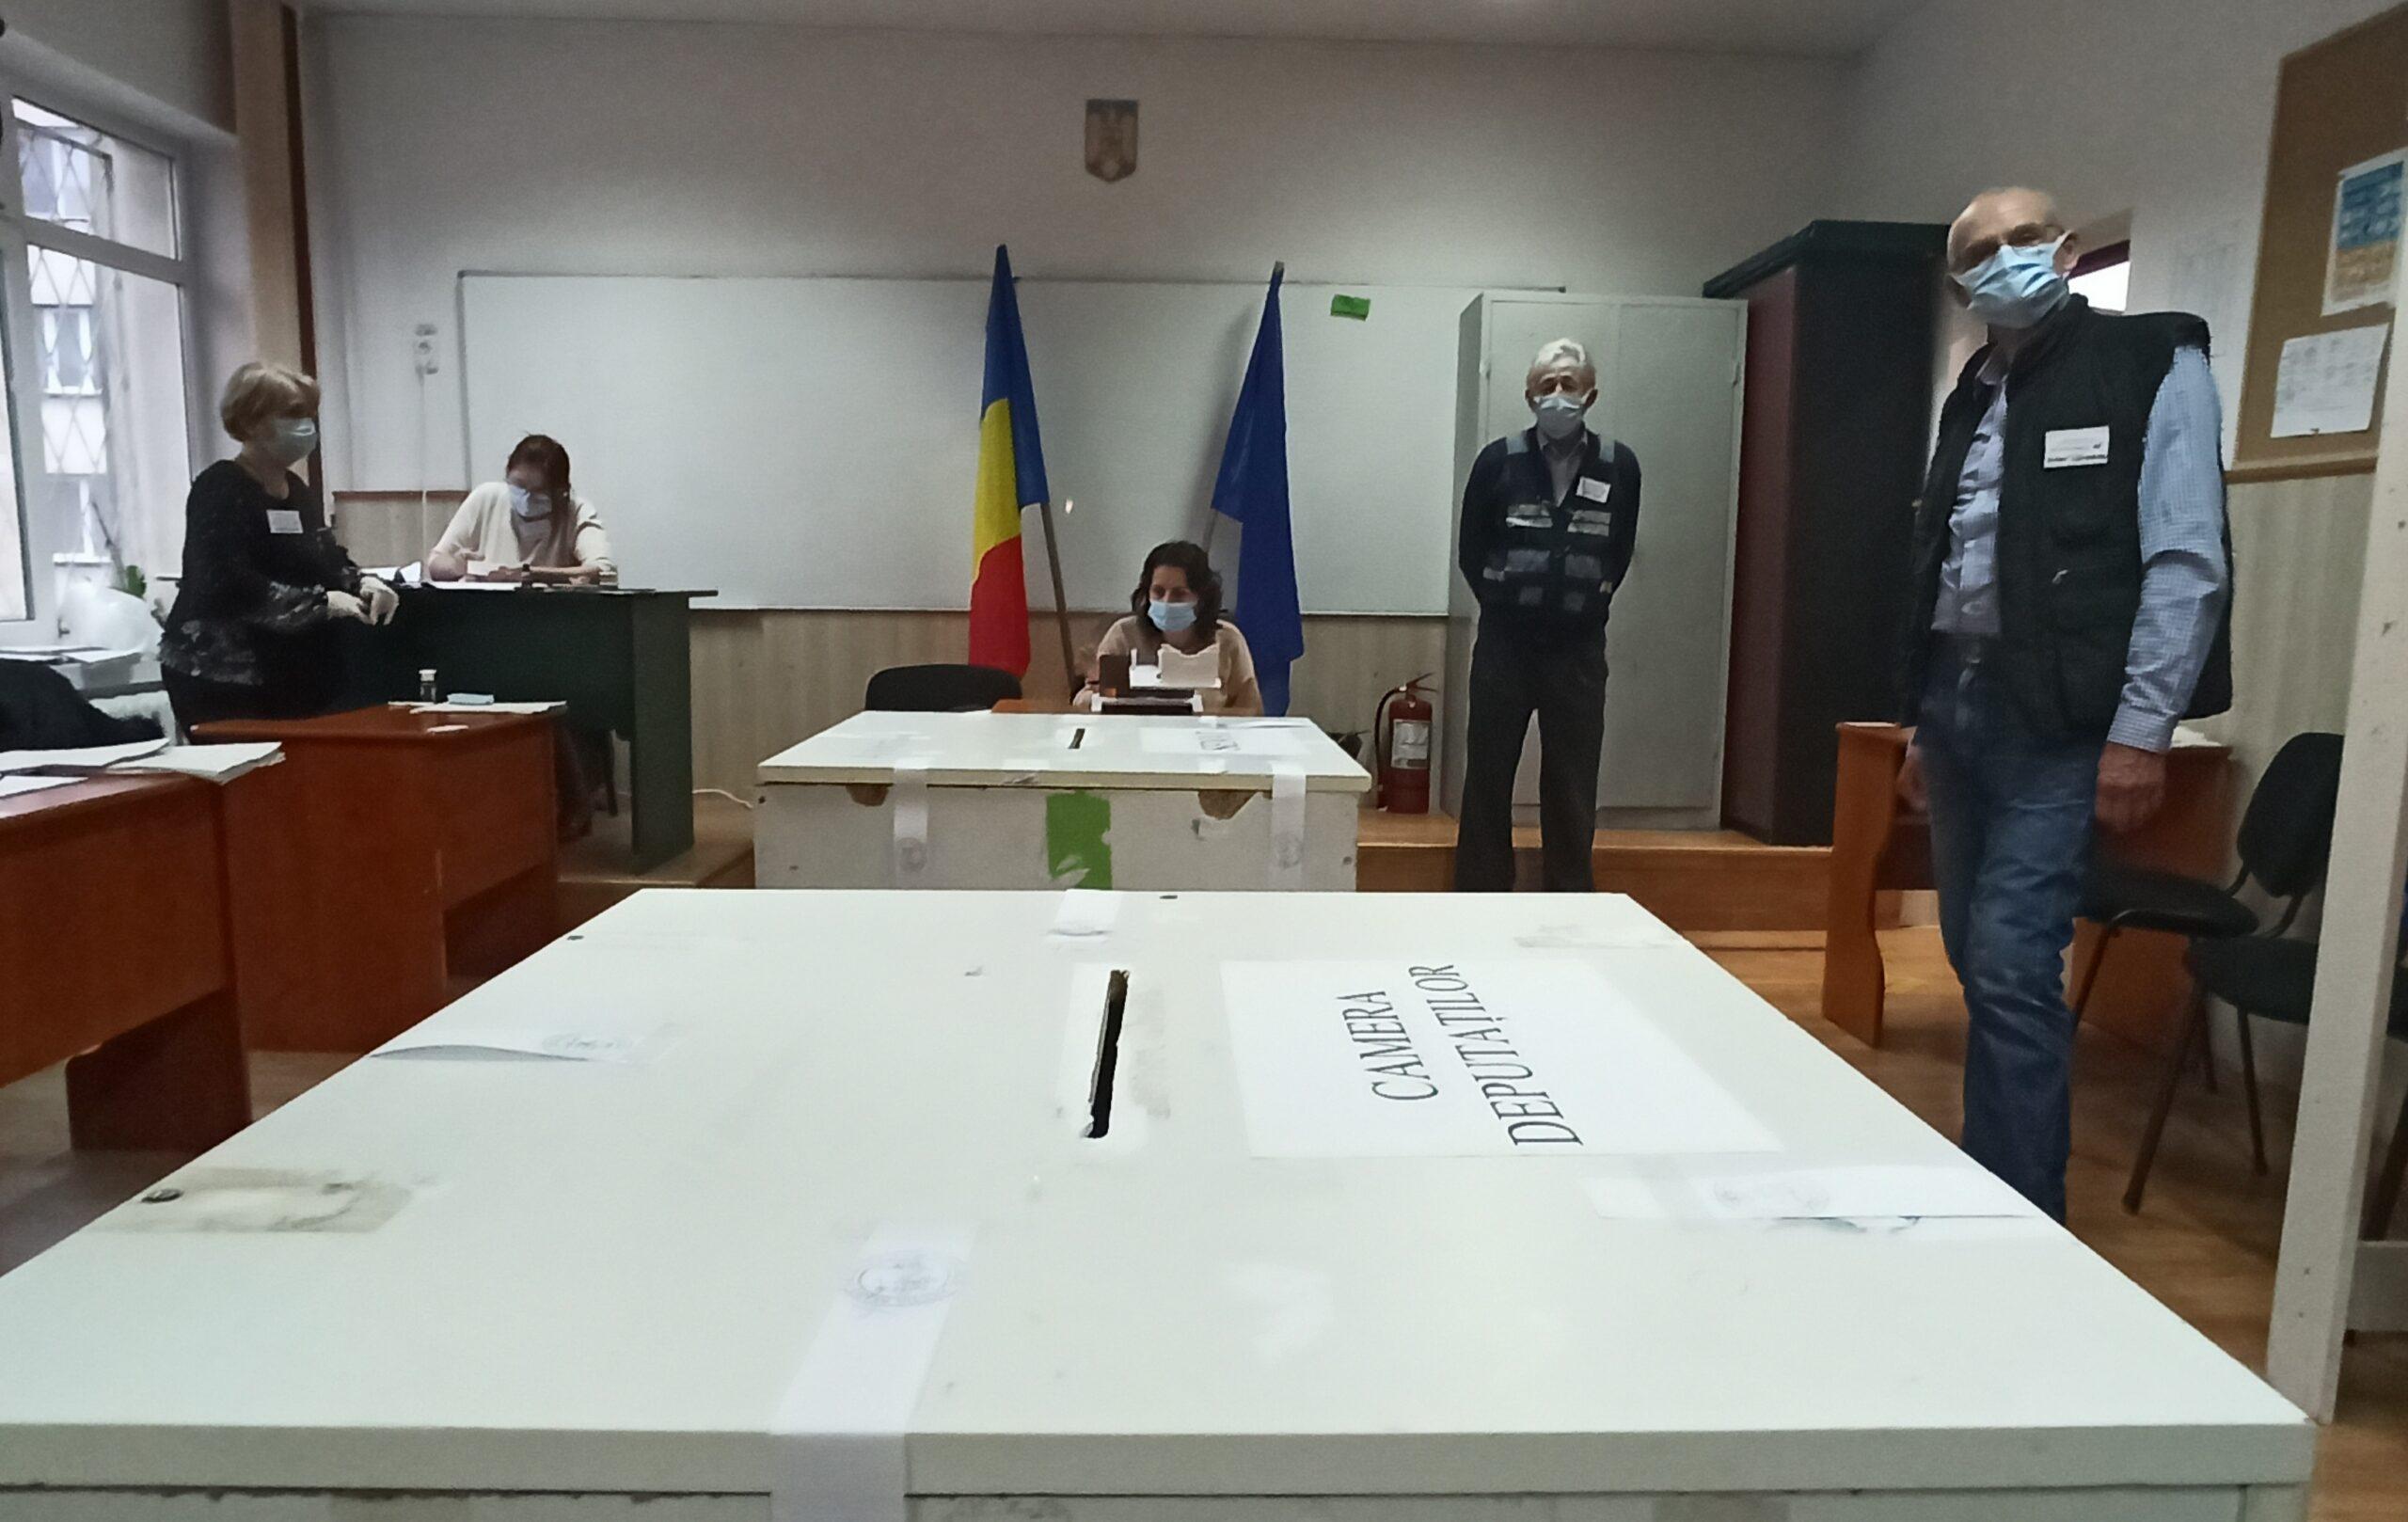 Primăria Piatra-Neamț anunță plata indemnizaţiilor membrilor comisiilor de votare